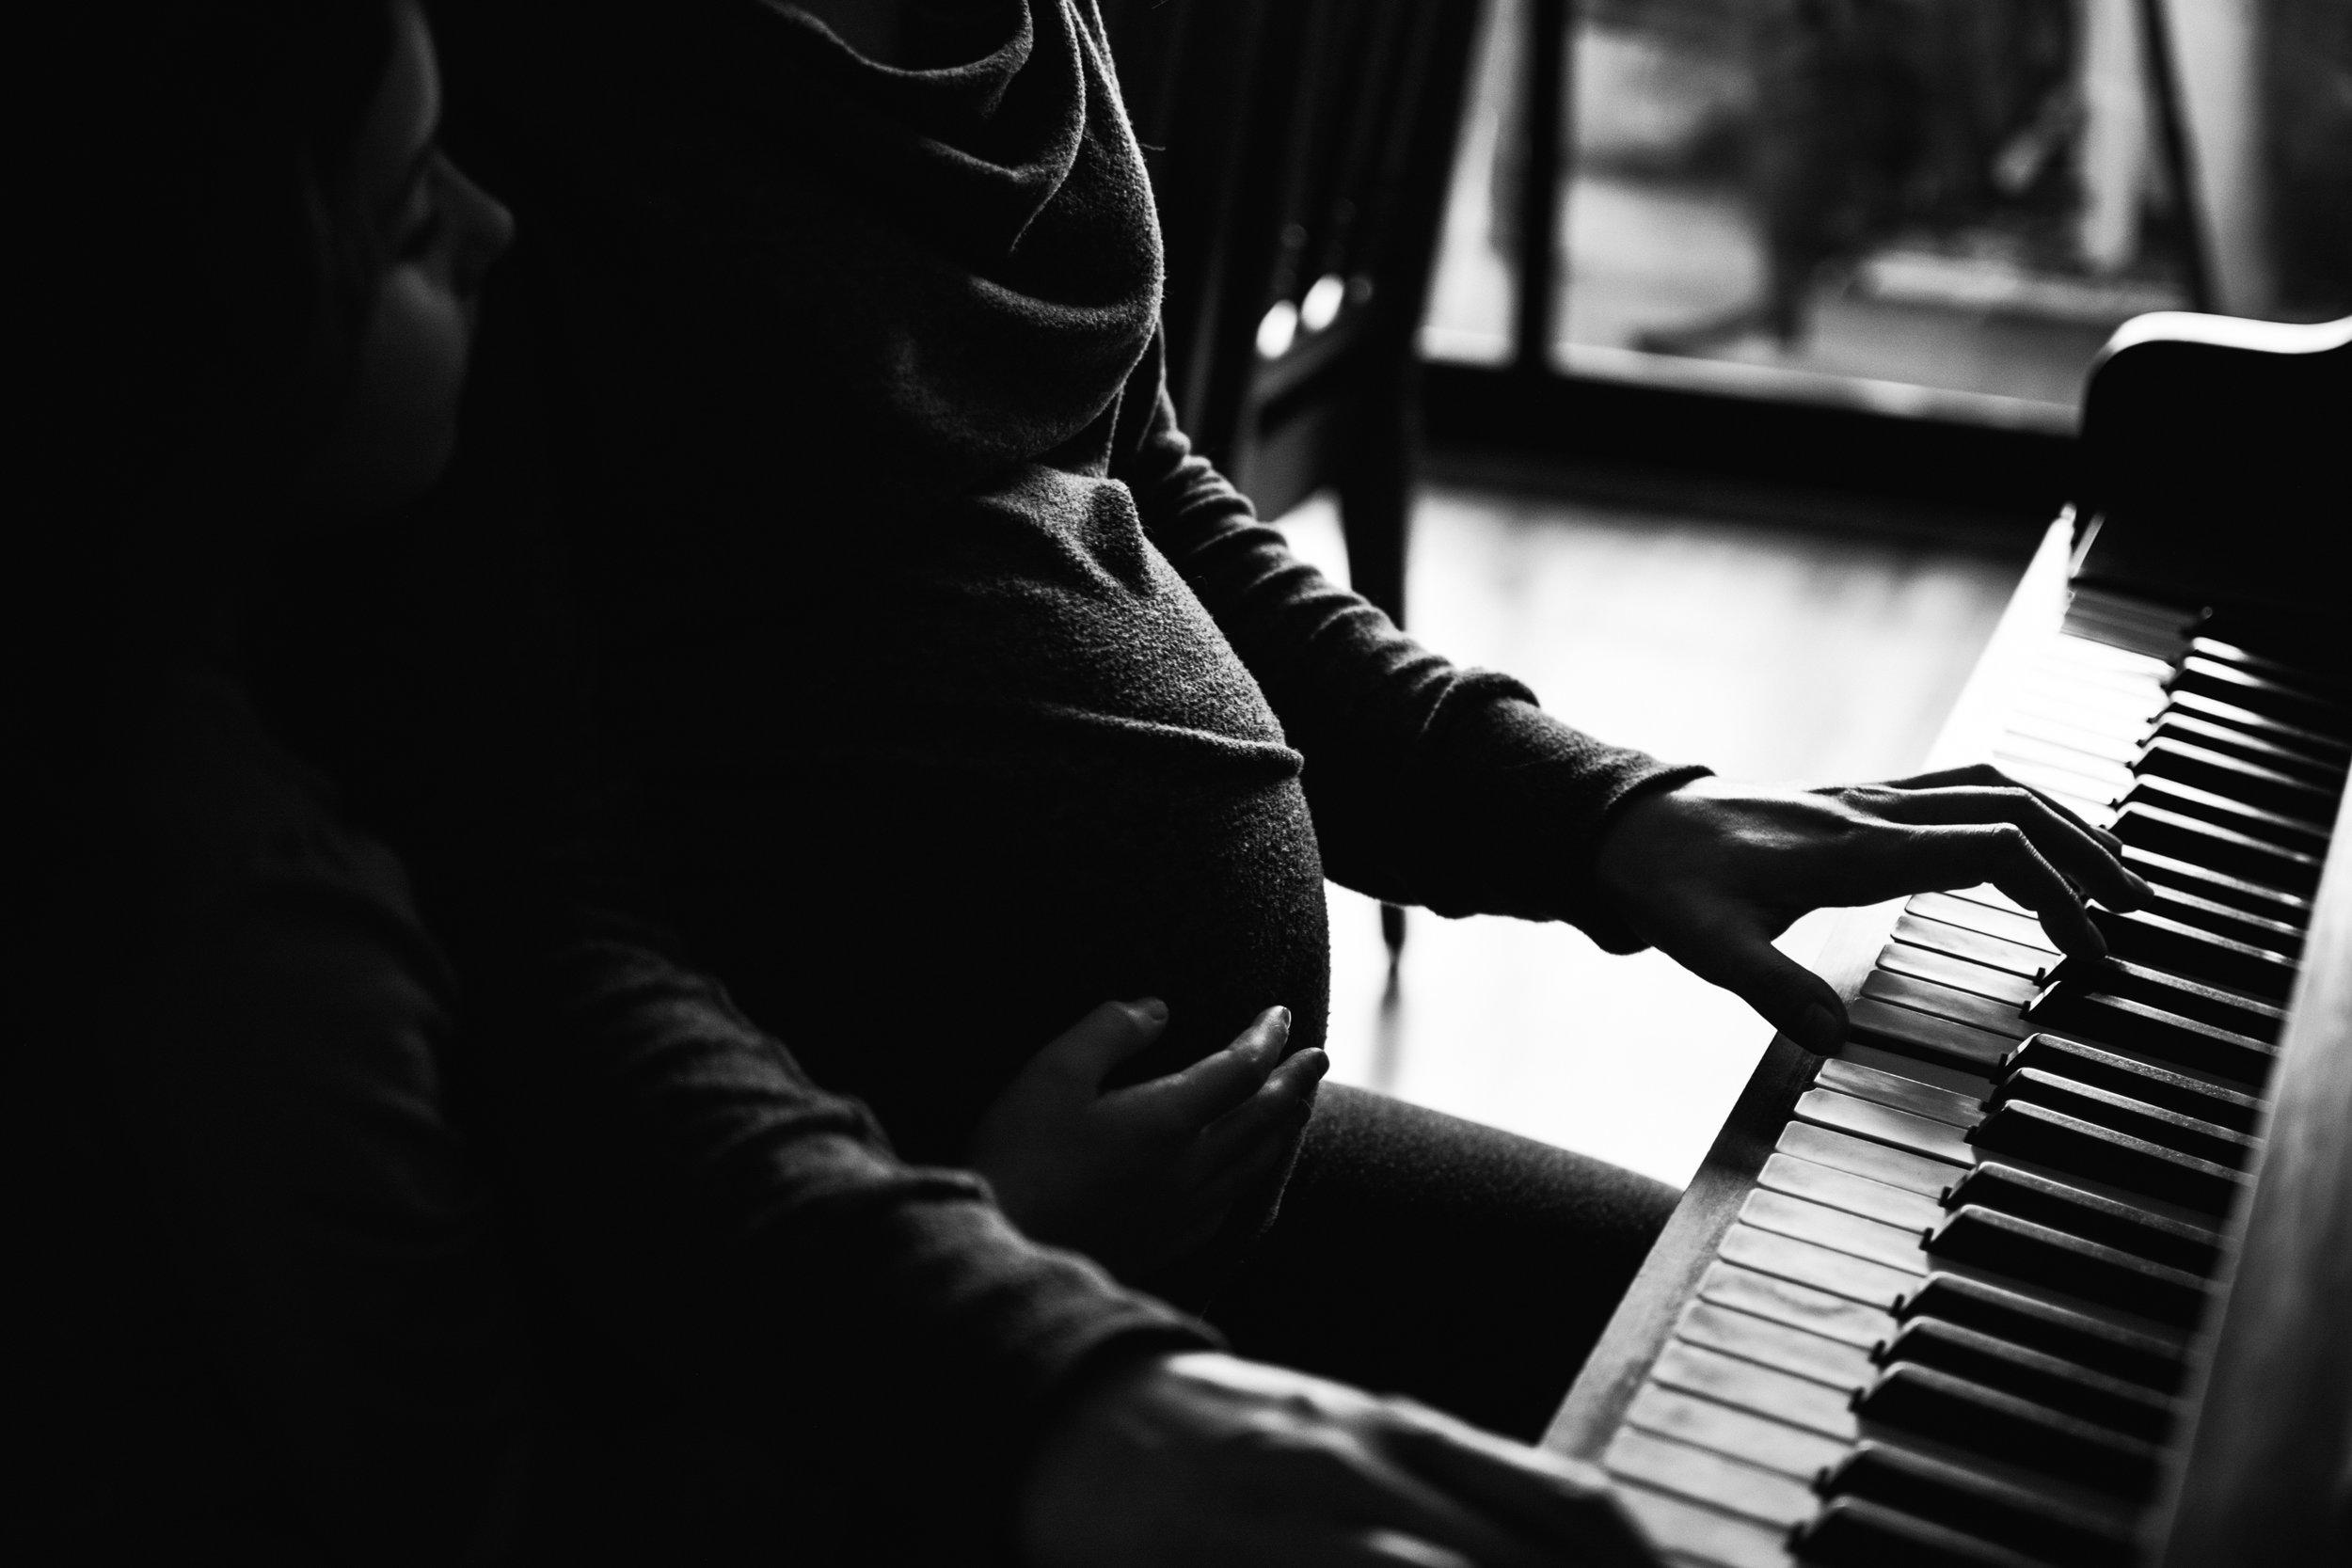 029-photo-noir-et-blanc-d-un-ventre-touche-de-femme-enceinte-qui-joue-du-piano-photographe-lifestyle-famille-et-nouveau-ne-a-montreal-marianne-charland-70.jpg